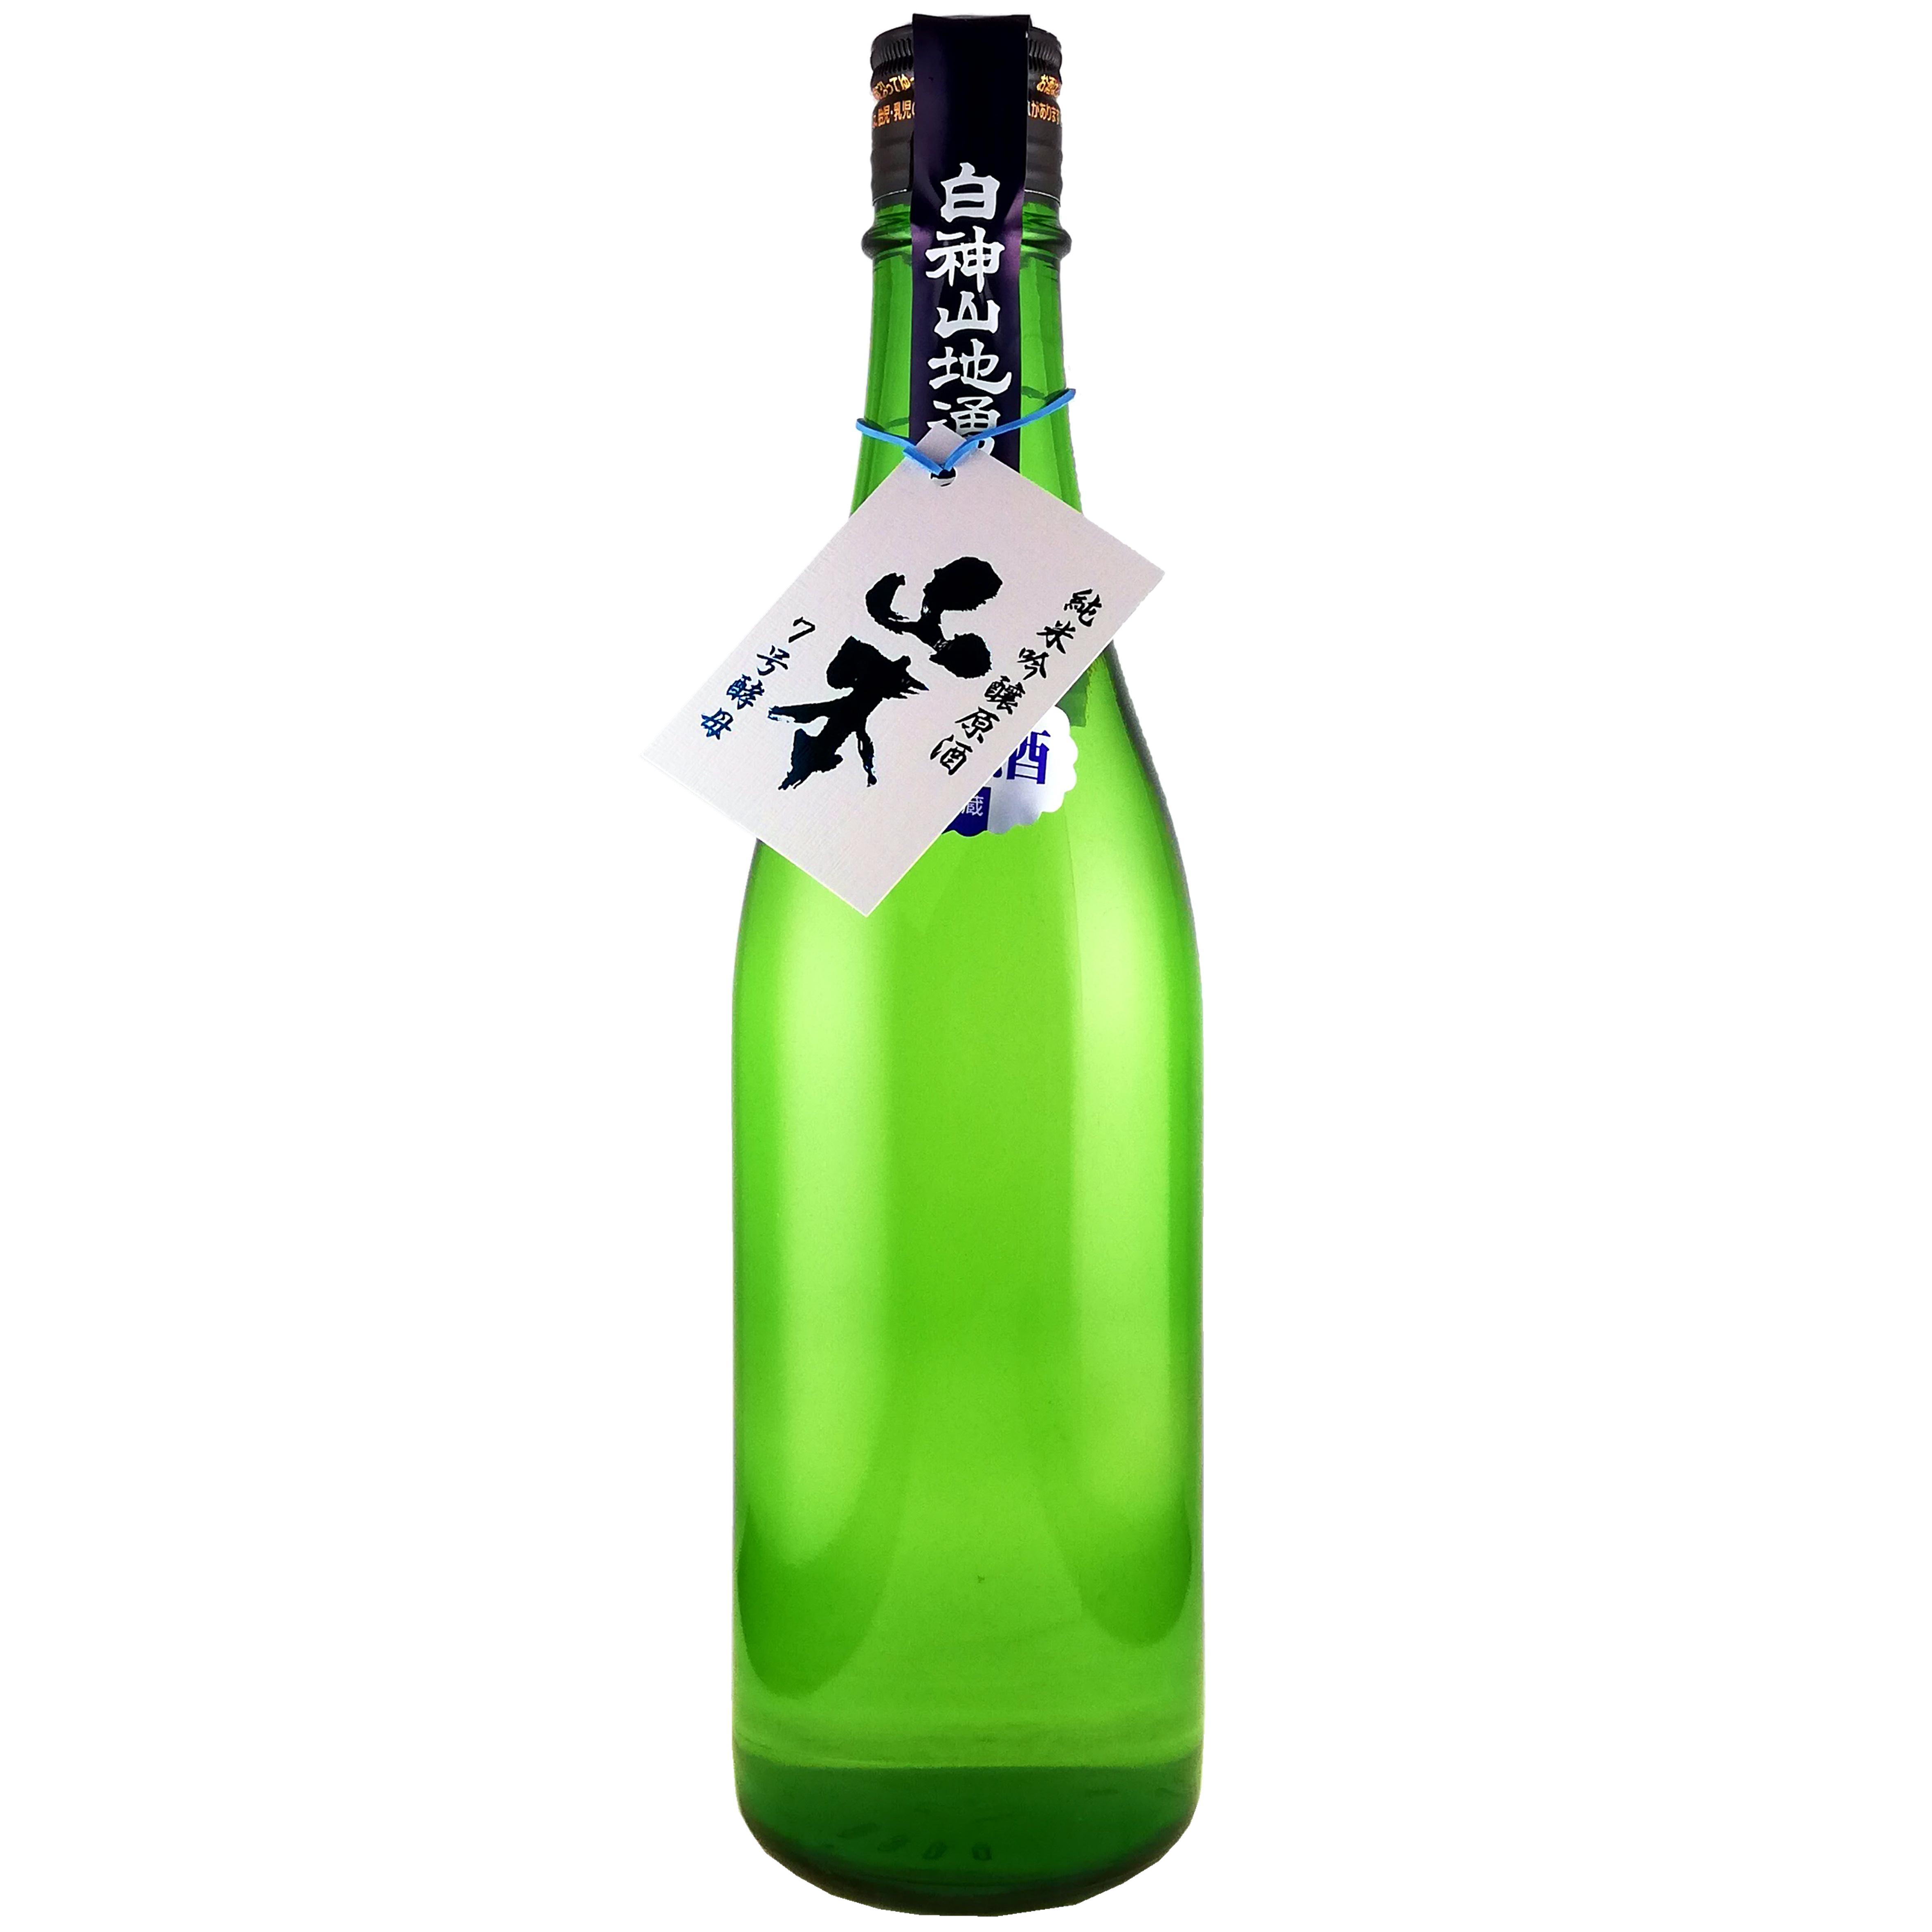 山本 純米吟醸 7号酵母 生酒 720ml